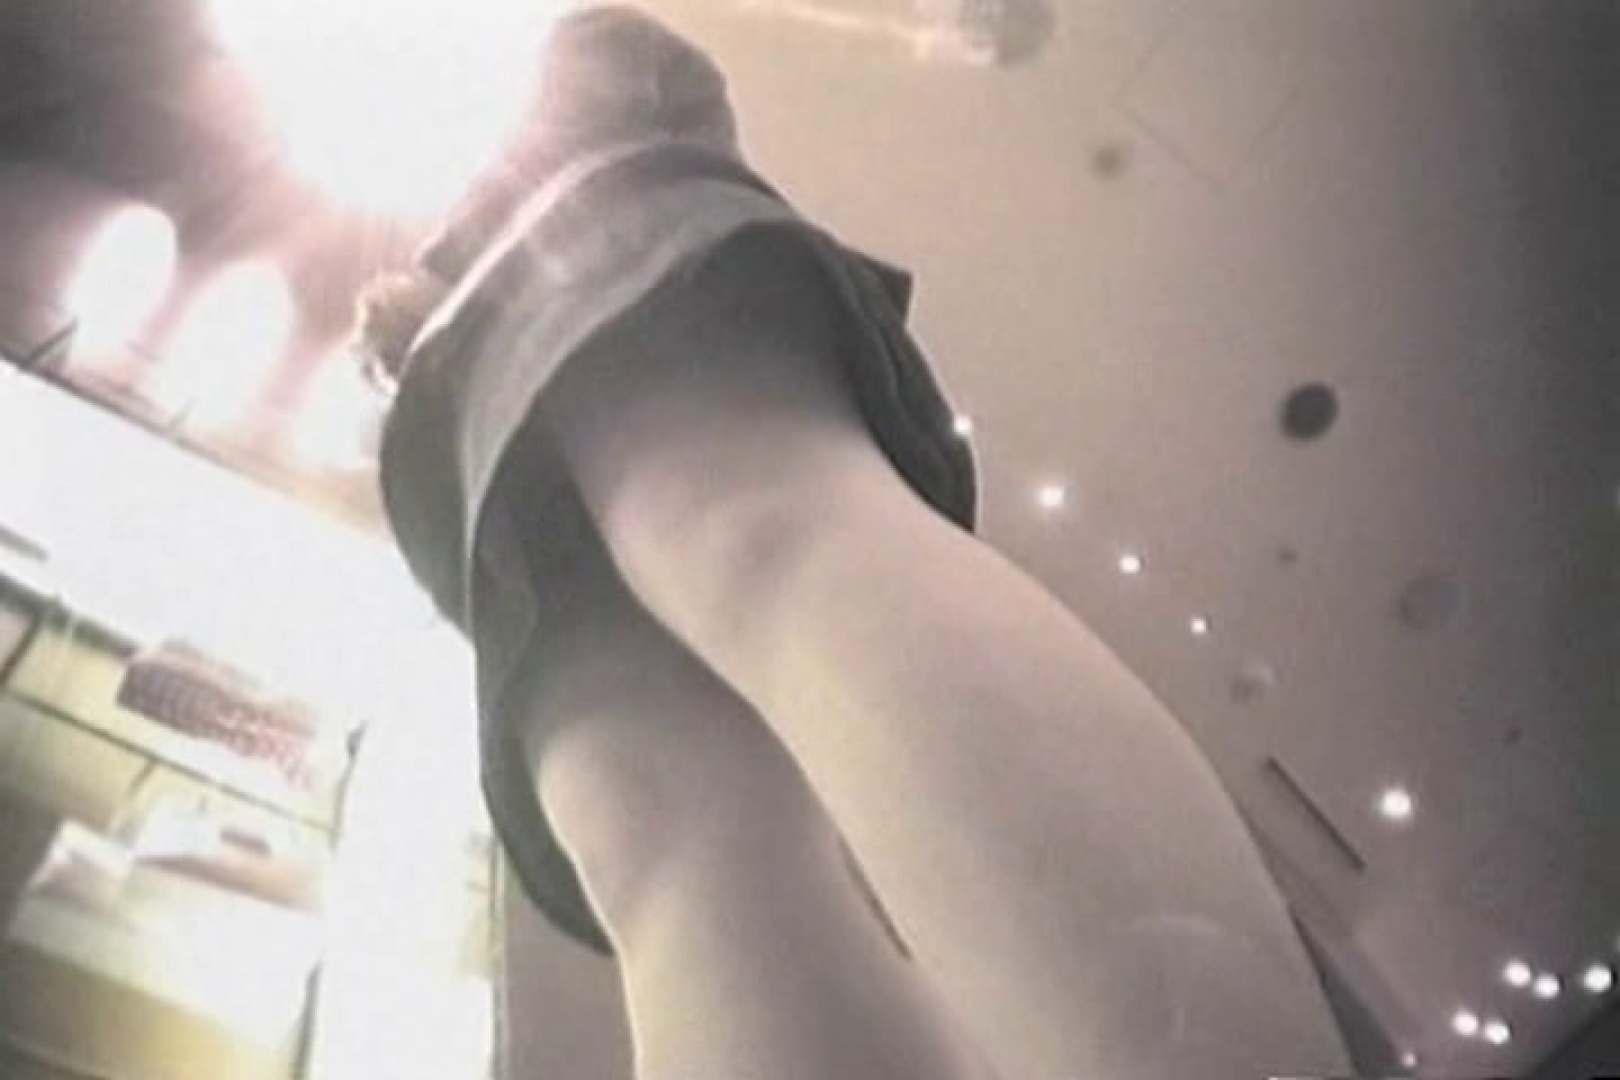 デパートローアングル徘徊 靴カメ盗撮Vol.1 盗撮 アダルト動画キャプチャ 103画像 39